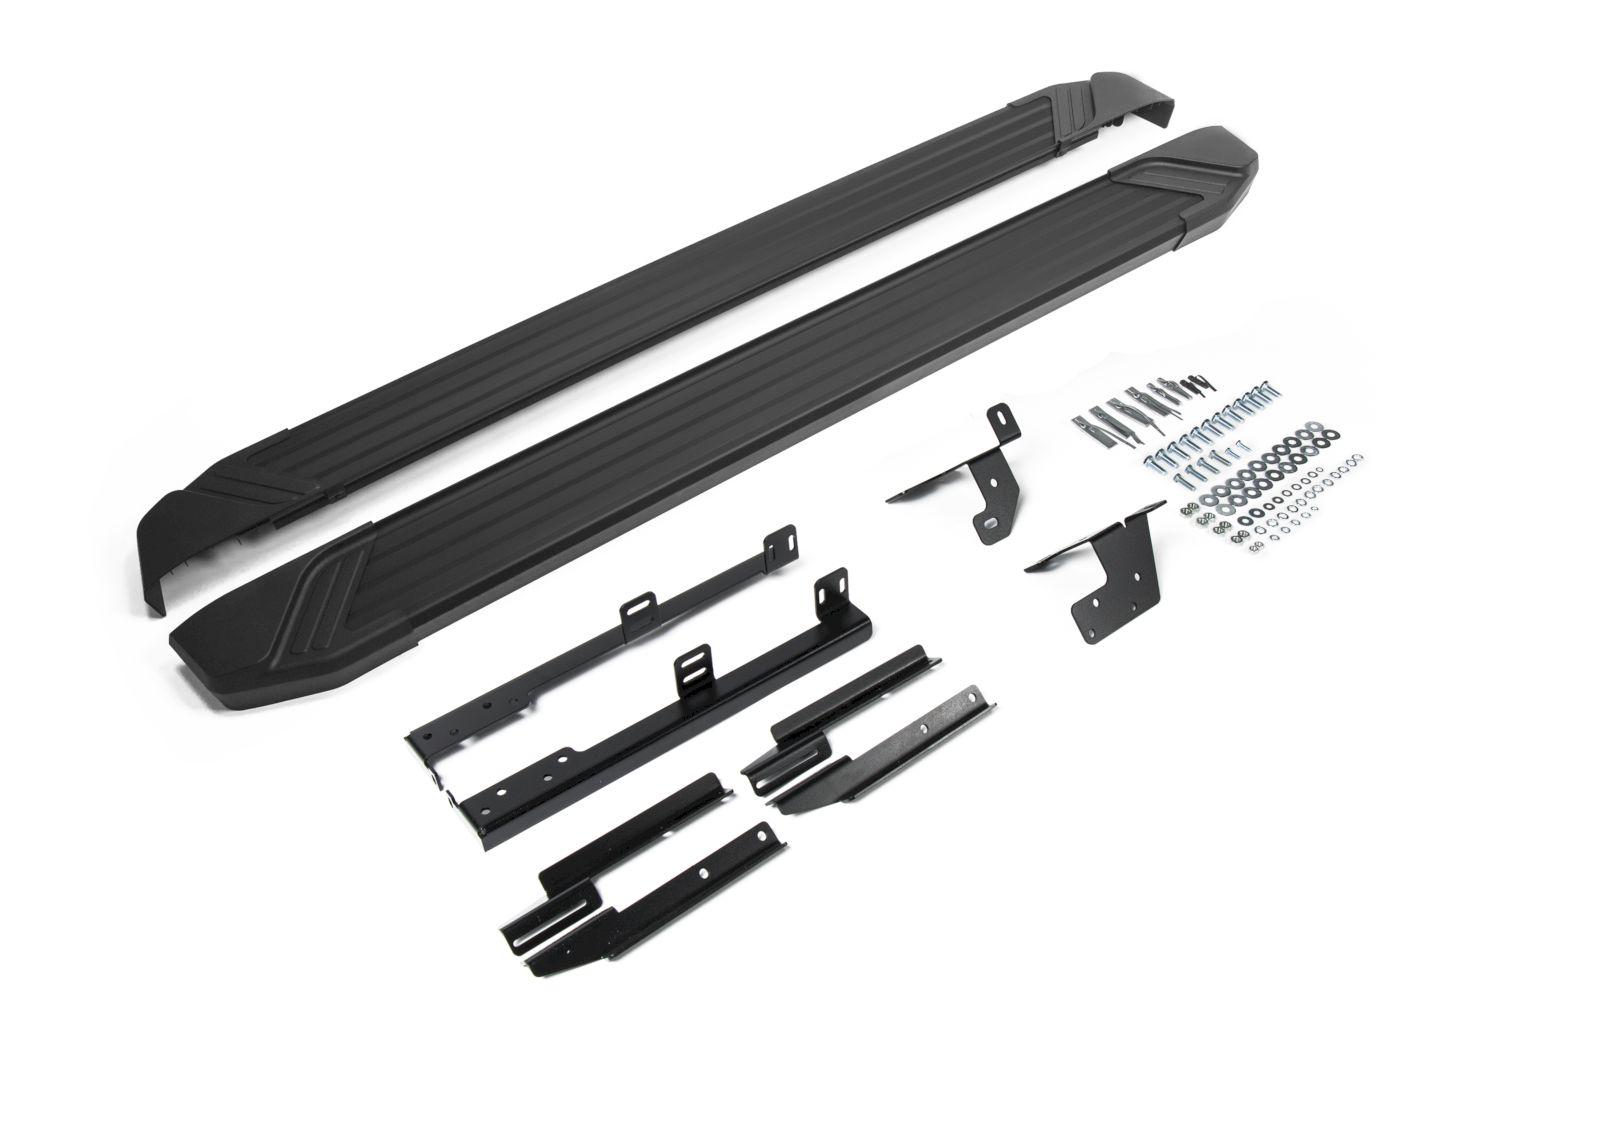 Basic Black Bočné nášľapy TUV Nissan Pathfinder R51 2004-2014